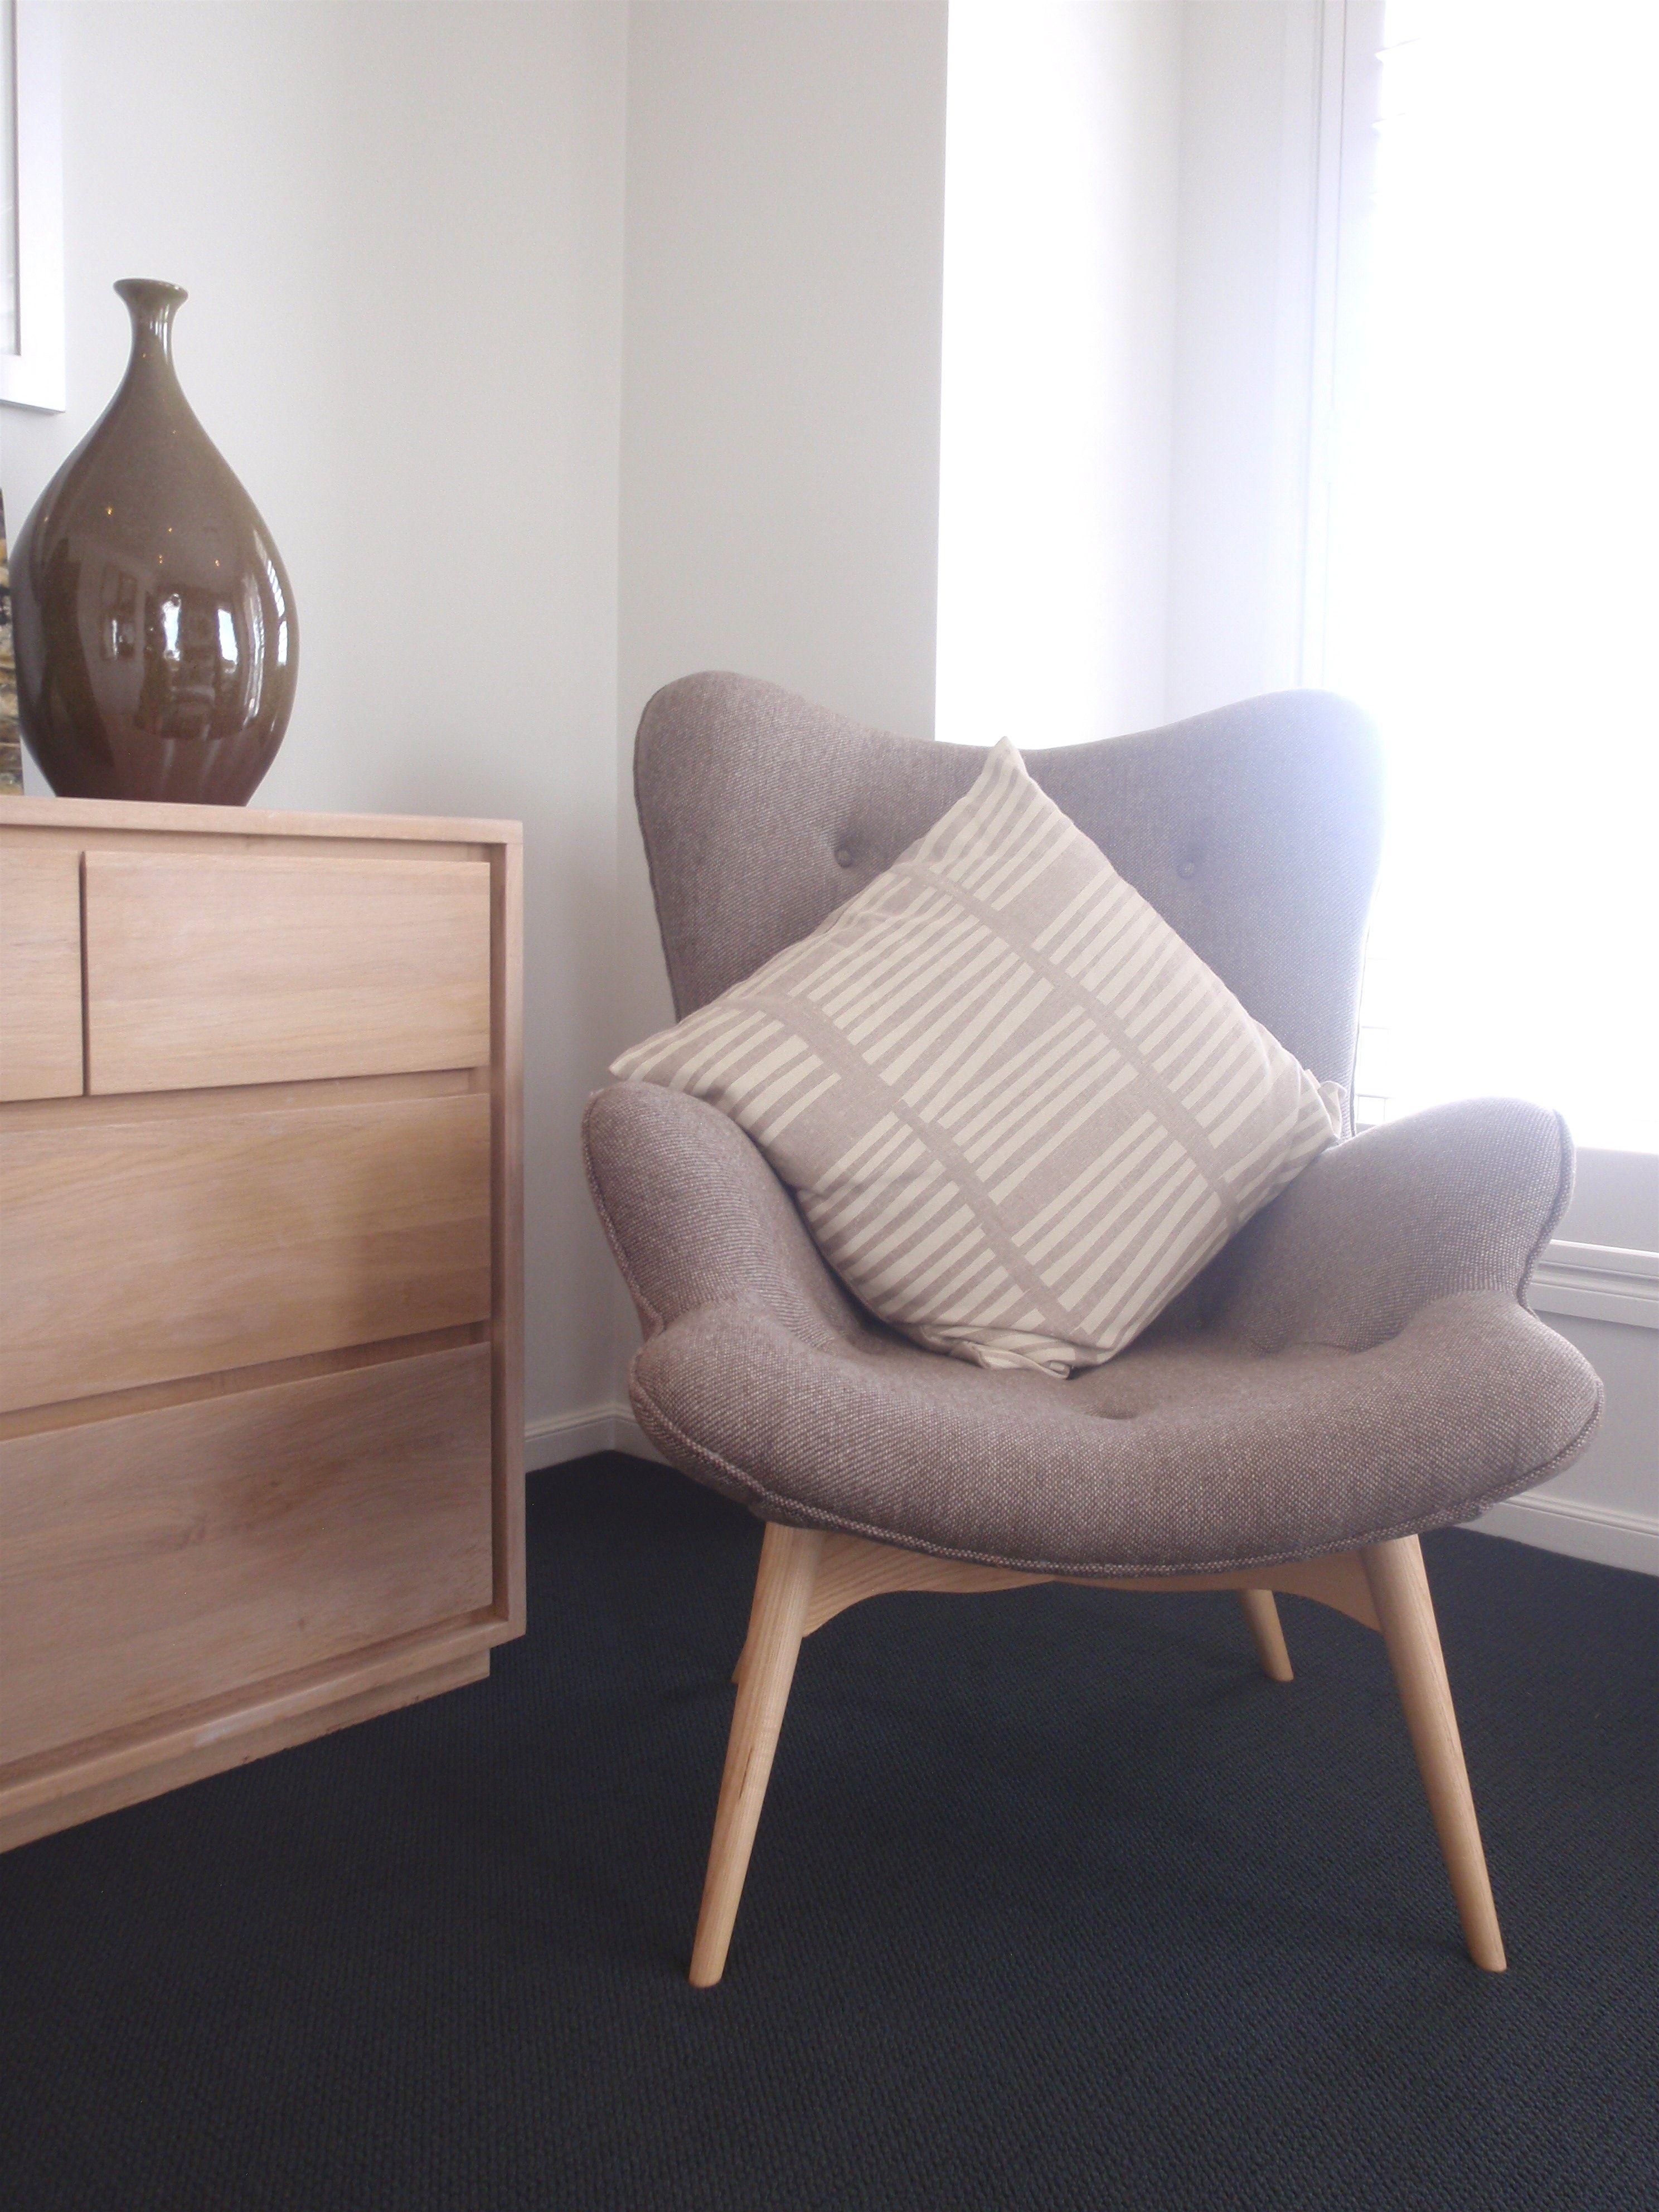 Design Gelegentliche Kanada Stühle Sessel Antike Bequem OkuwiTXZP